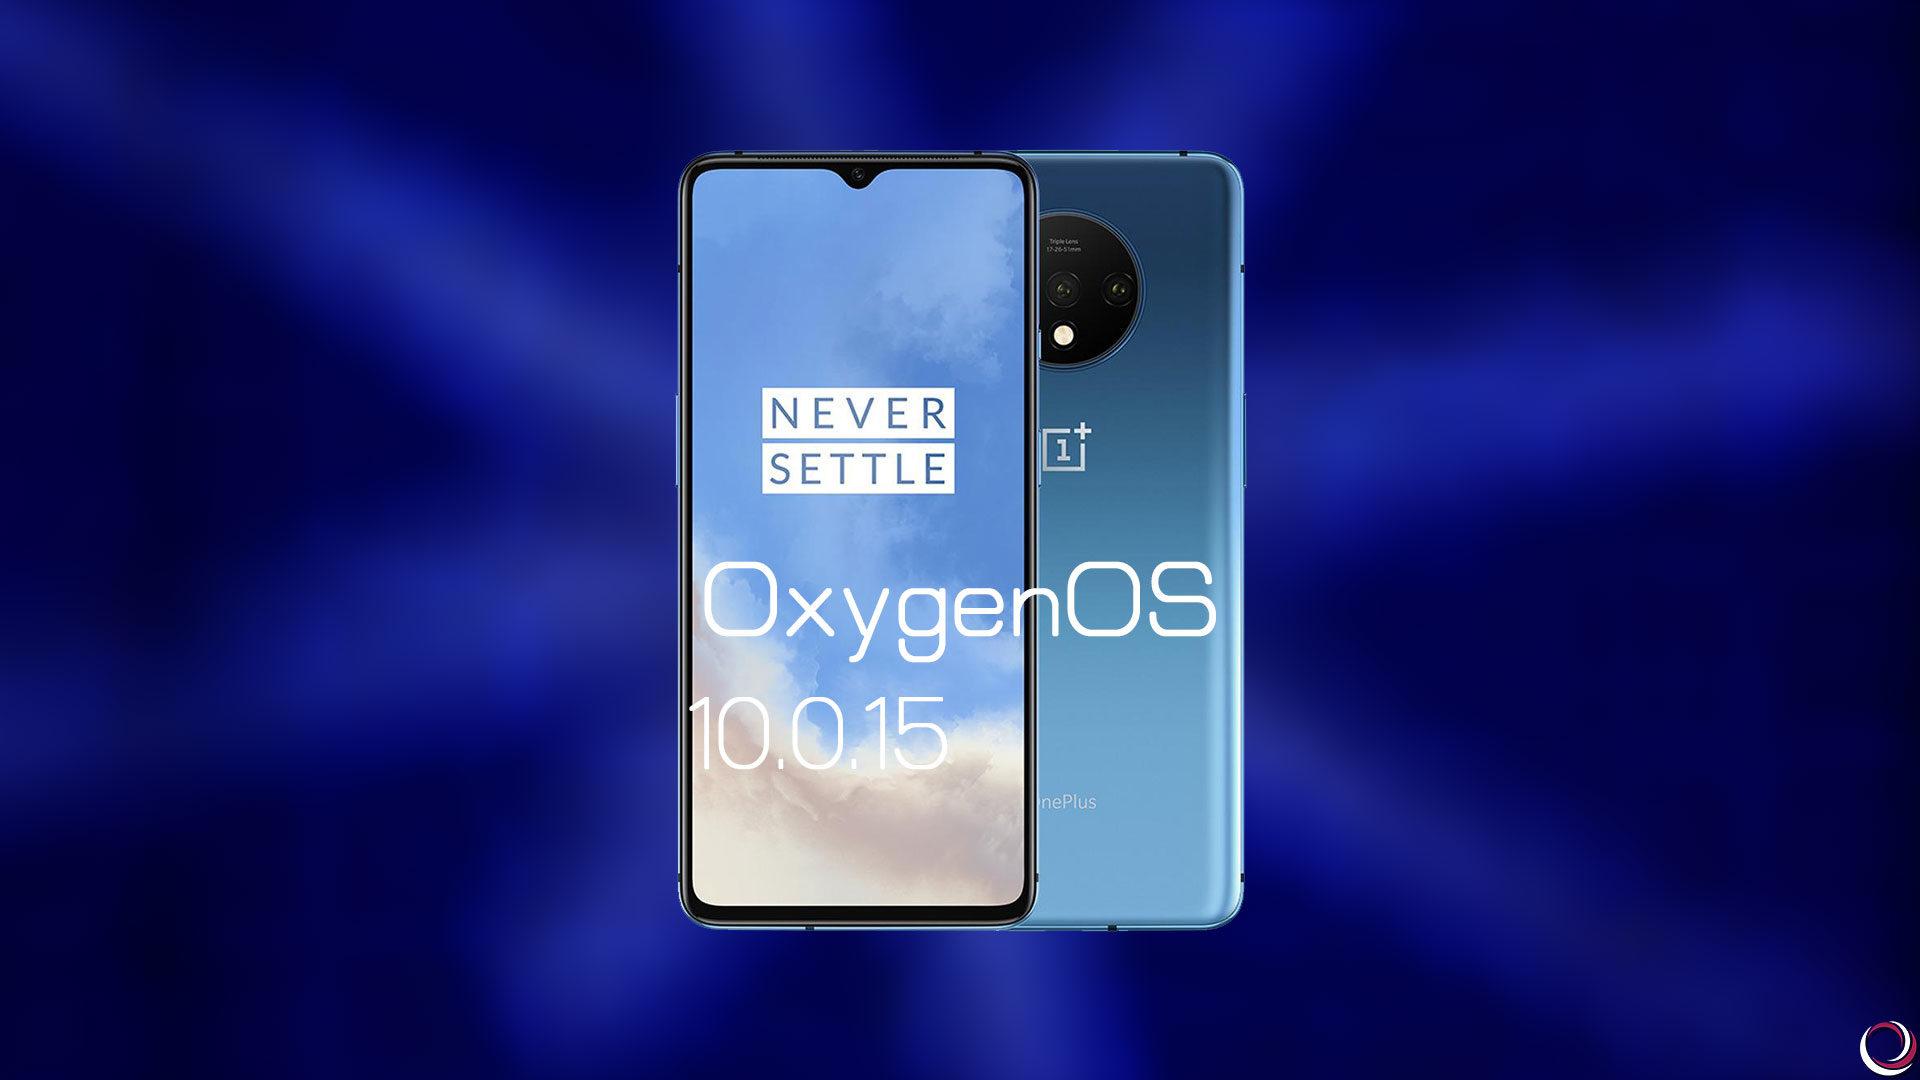 「OnePlus 7T/7T Pro」向けに通話時の誤タッチを防ぐための改善が含まれる「OxygenOS 10.0.15」がリリース